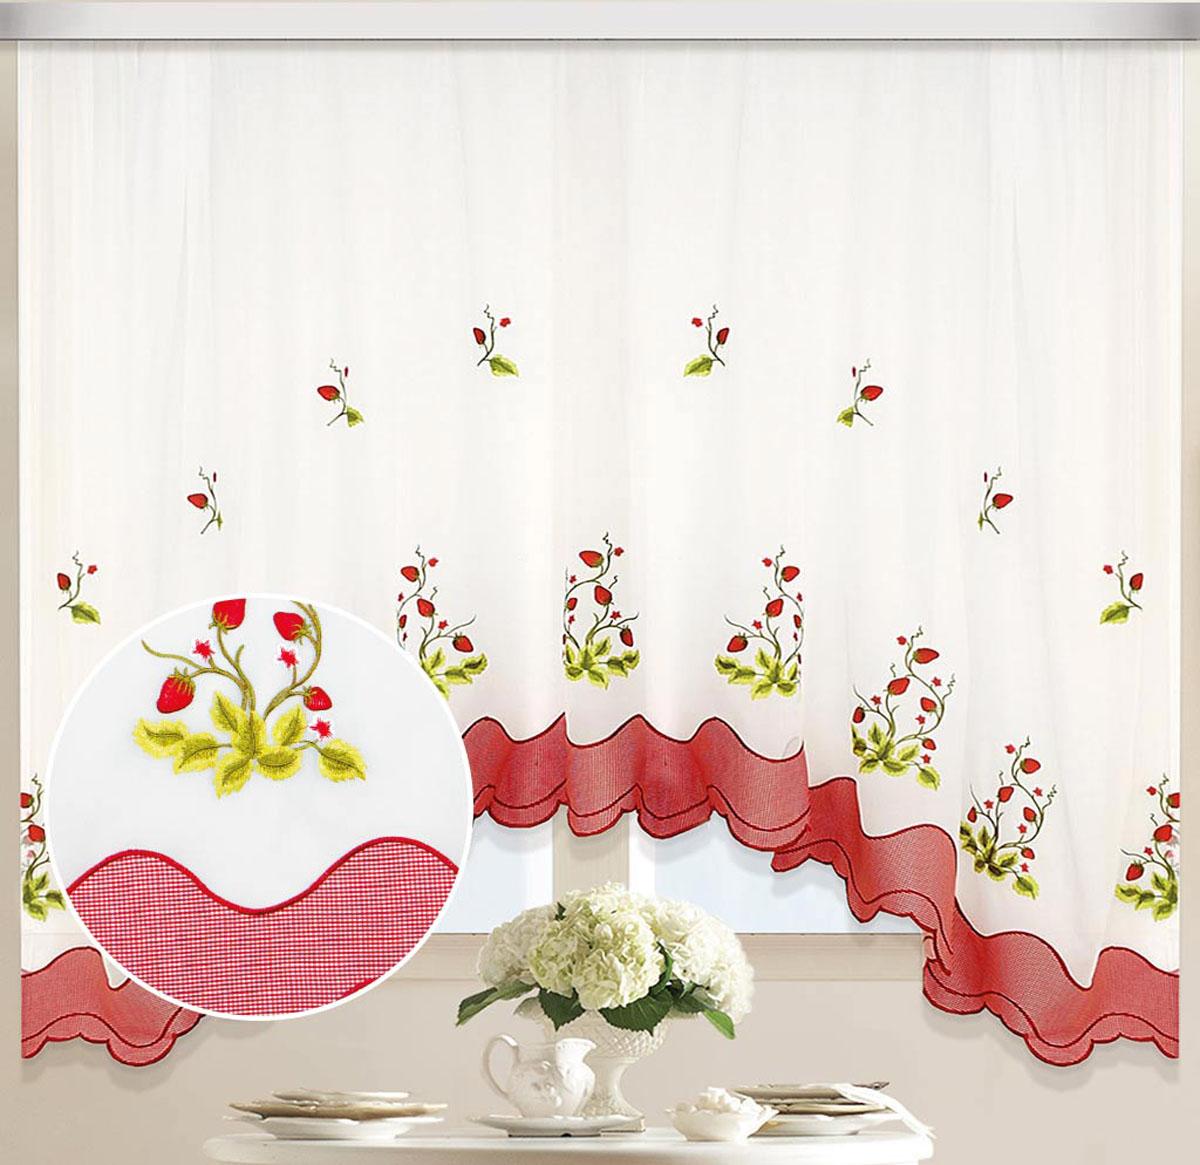 Штора-арка ТД Текстиль Земляничка, на ленте, цвет: белый, красный, высота 170 см80116Штора-арка ТД Текстиль Земляничка великолепно украситлюбое окно. Штора выполнена из качественного вуалевого полотна (полиэстера) и украшена вышивкой. Полупрозрачная ткань, оригинальный дизайн и приятнаяцветовая гамма привлекут к себе внимание и позволят штореорганично вписаться в интерьер помещения. Штора крепится на карниз при помощи шторной ленты, котораяпоможет красиво и равномерно задрапировать верх. Изделиеотлично подходит для кухни, столовой, спальни.